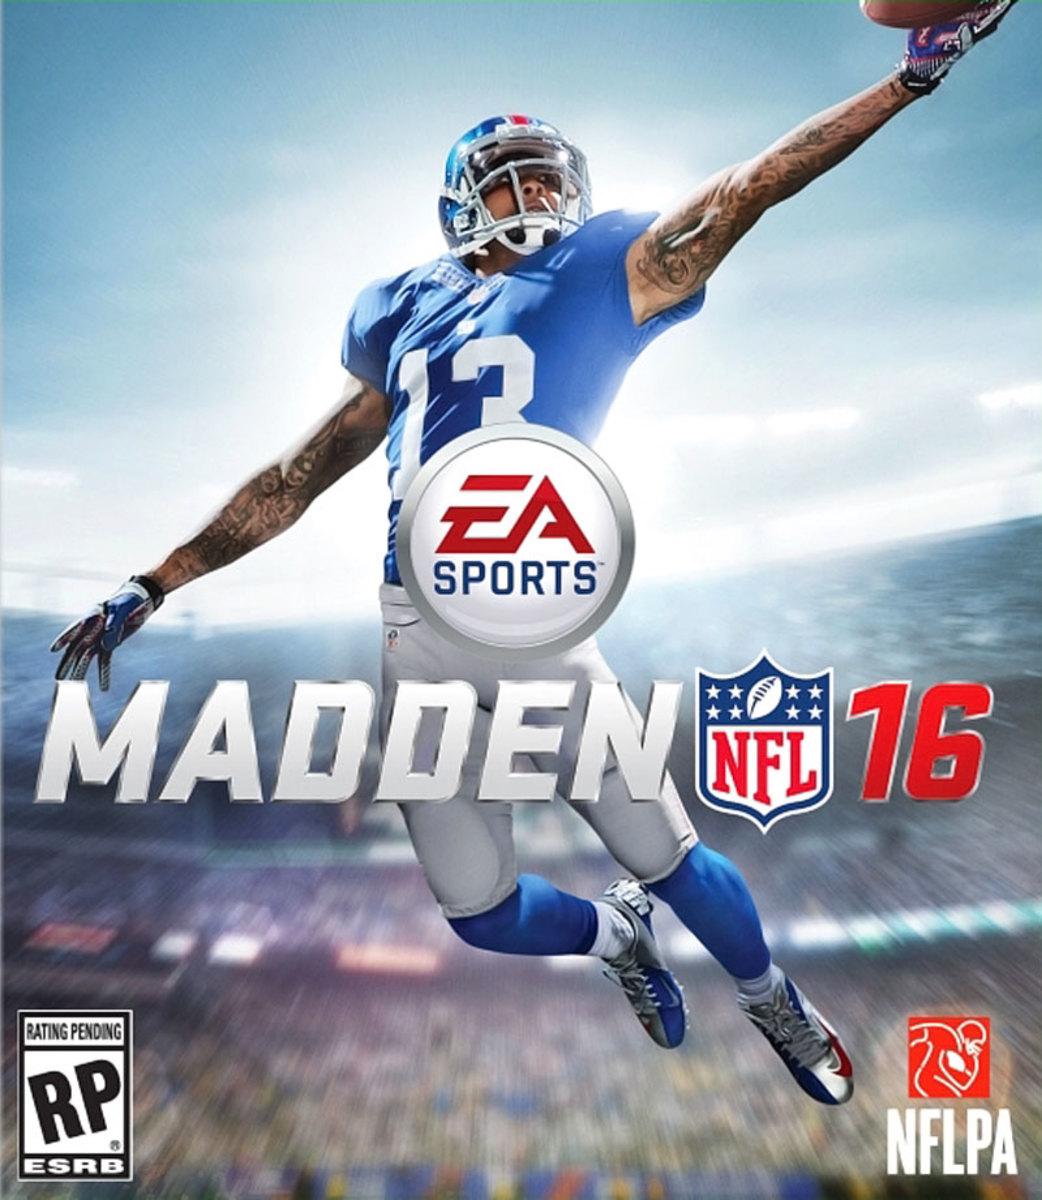 Madden-NFL-16-Odell-Beckham-Jr-cover.jpg